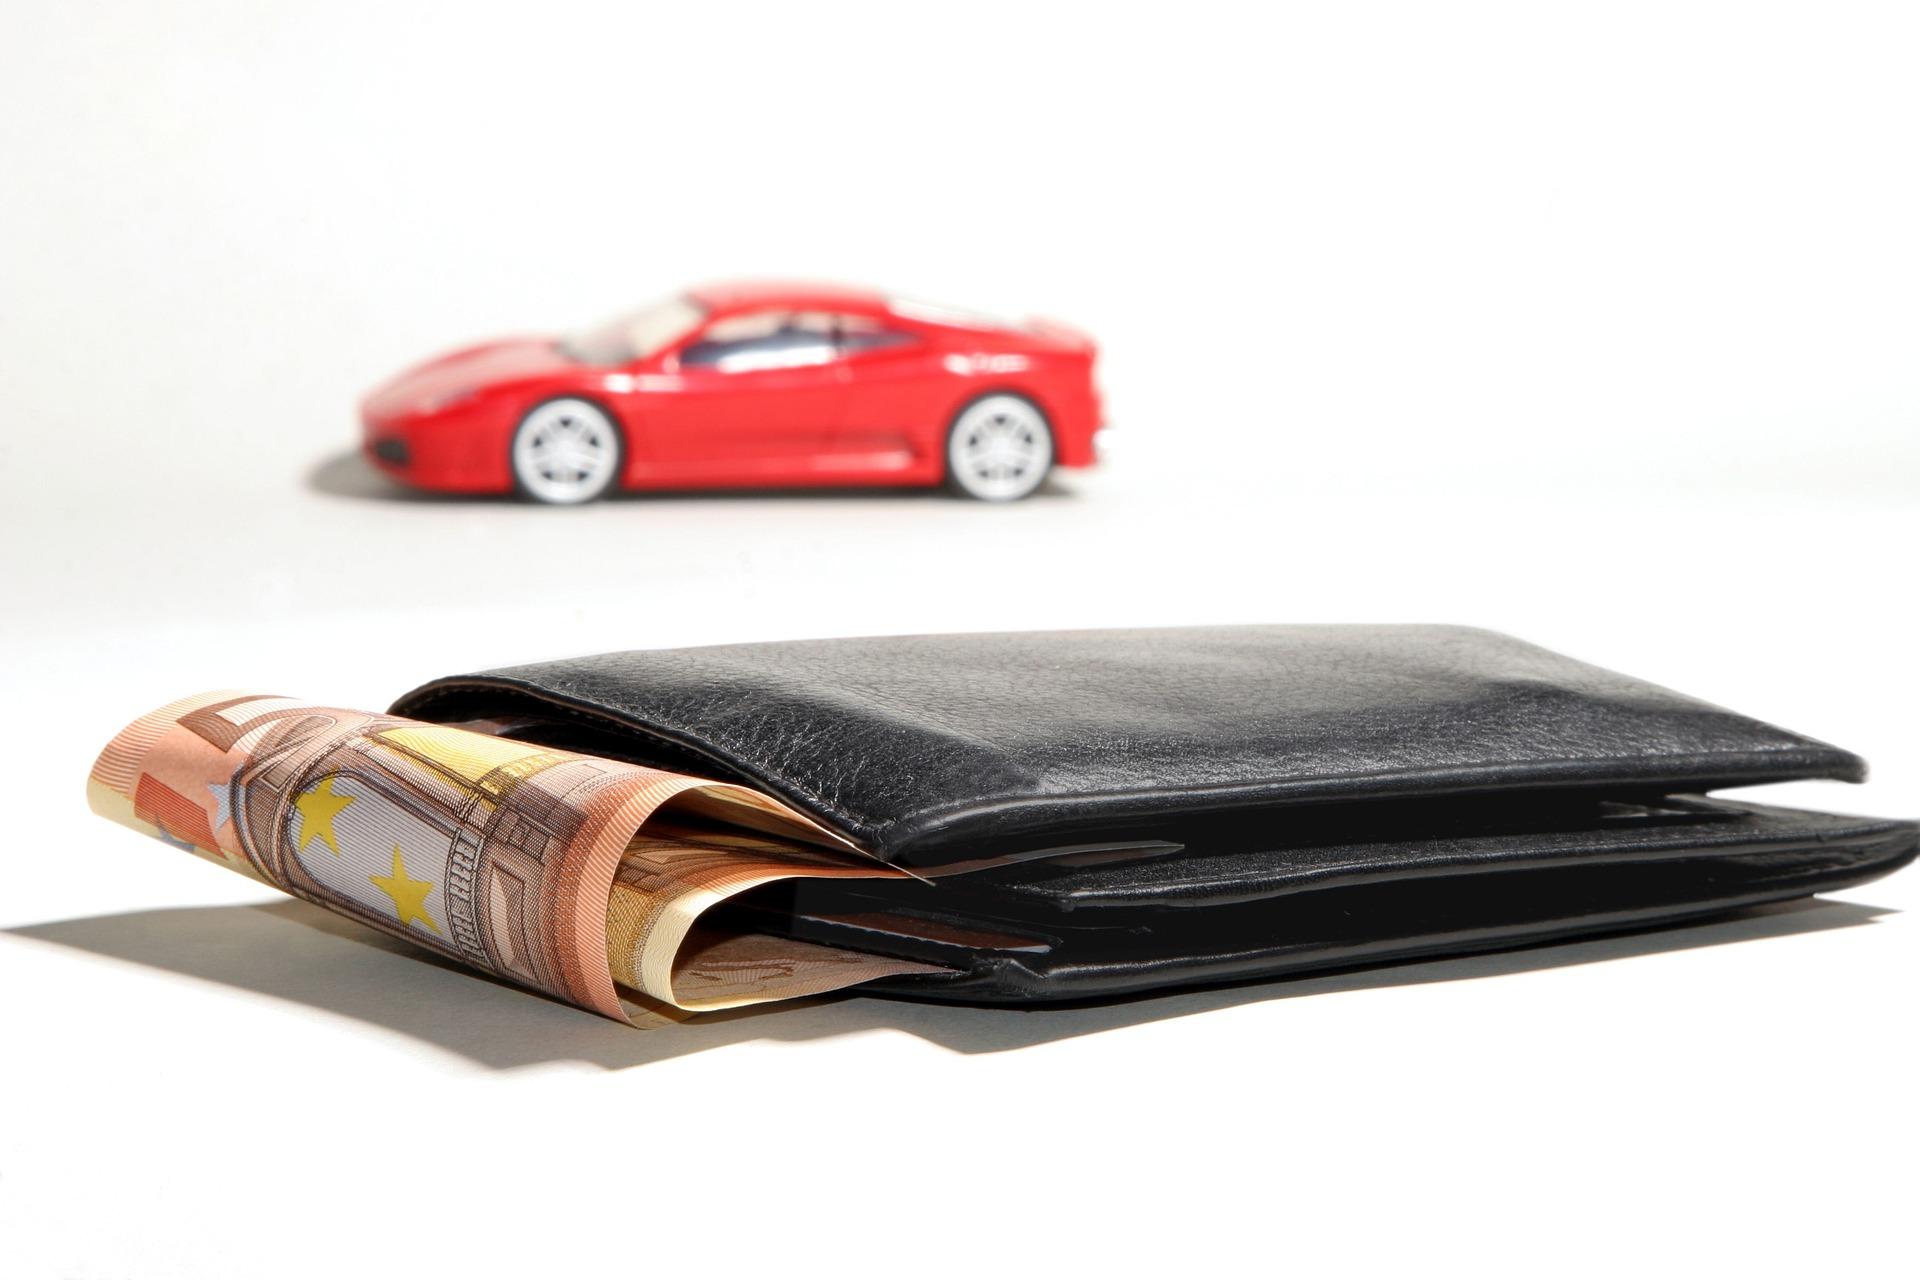 Czy warto wykupić ubezpieczenie gap insurance?